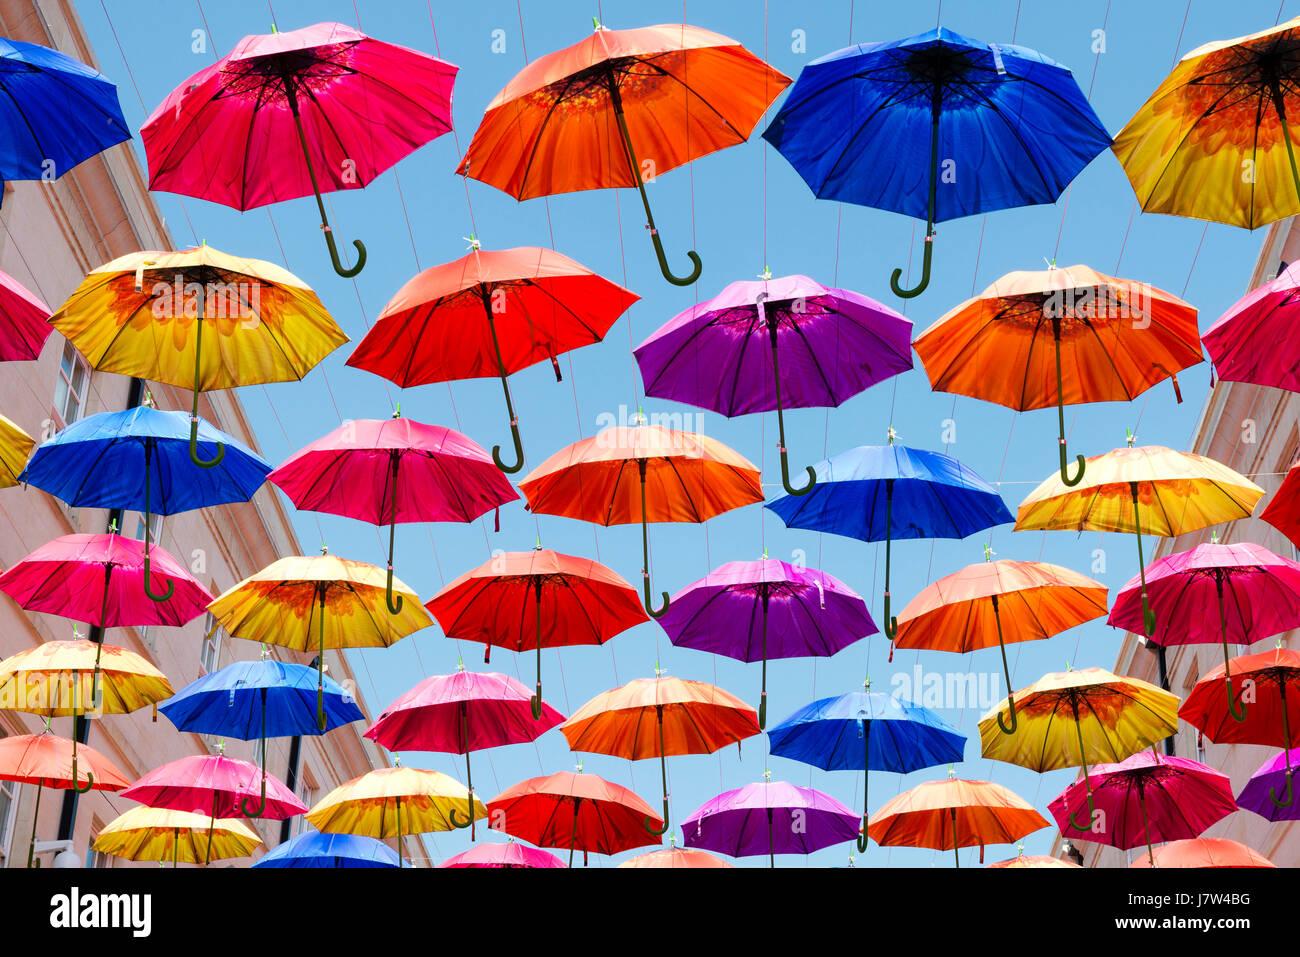 Bath, Somerset, UK. Bunte Regenschirme über die Straße als Bestandteil ein Kunstfestival aufgehängt. Stockbild